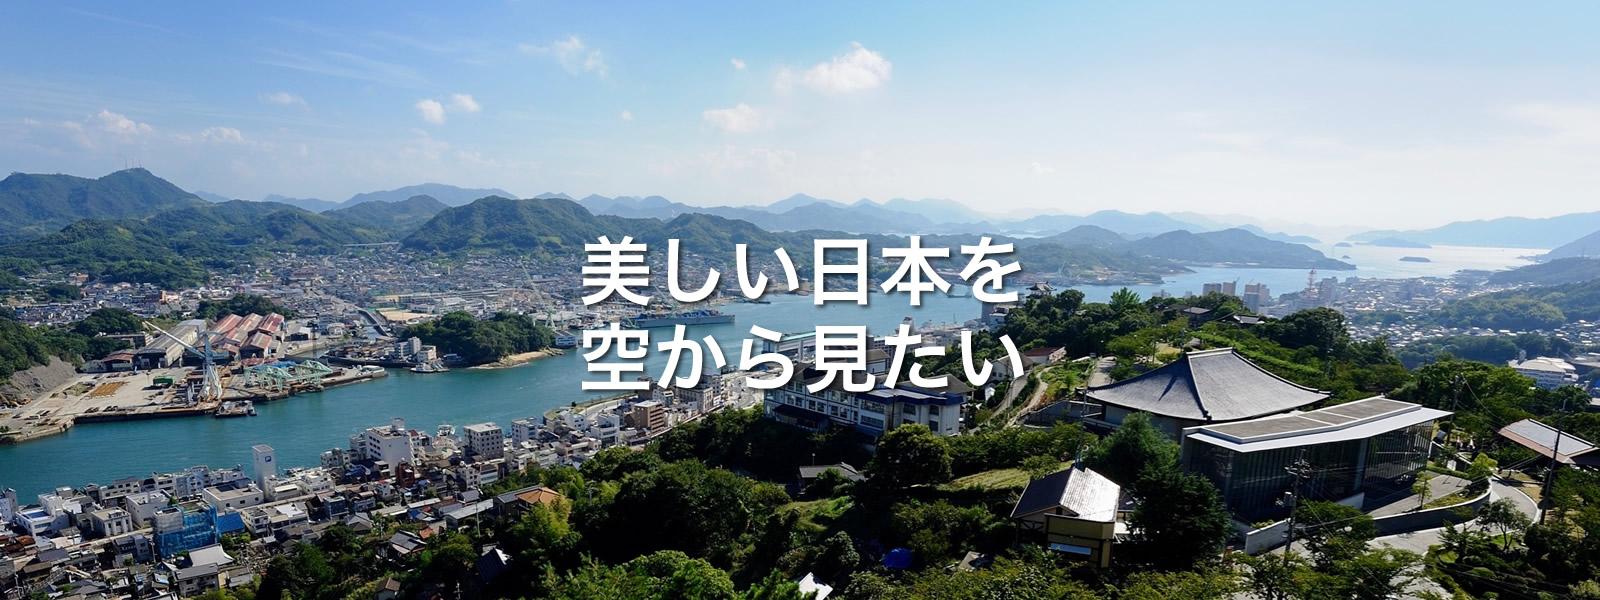 空撮・ビデオ編集